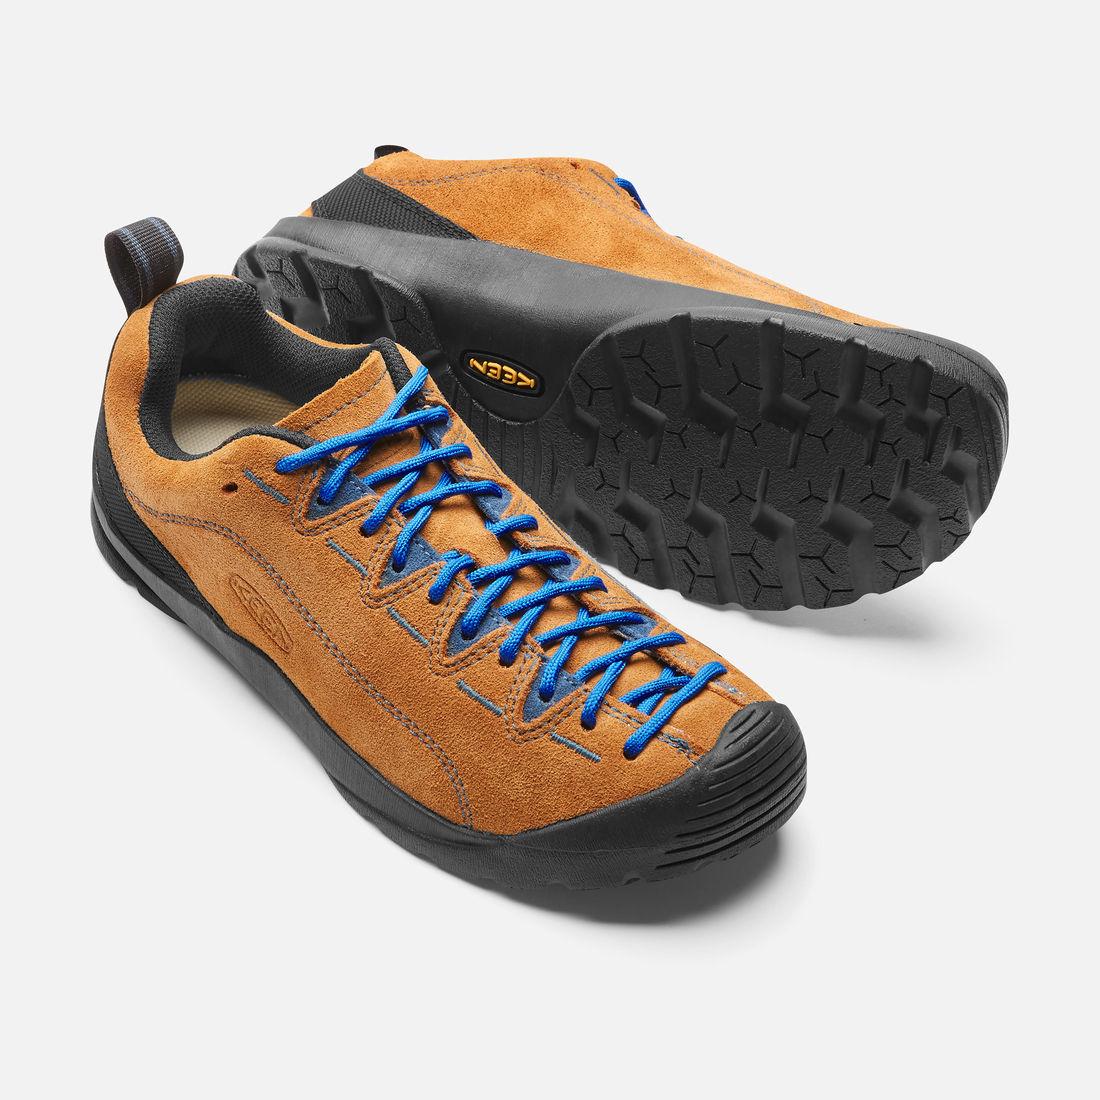 KEENジャスパーは登山で履くには最強の靴